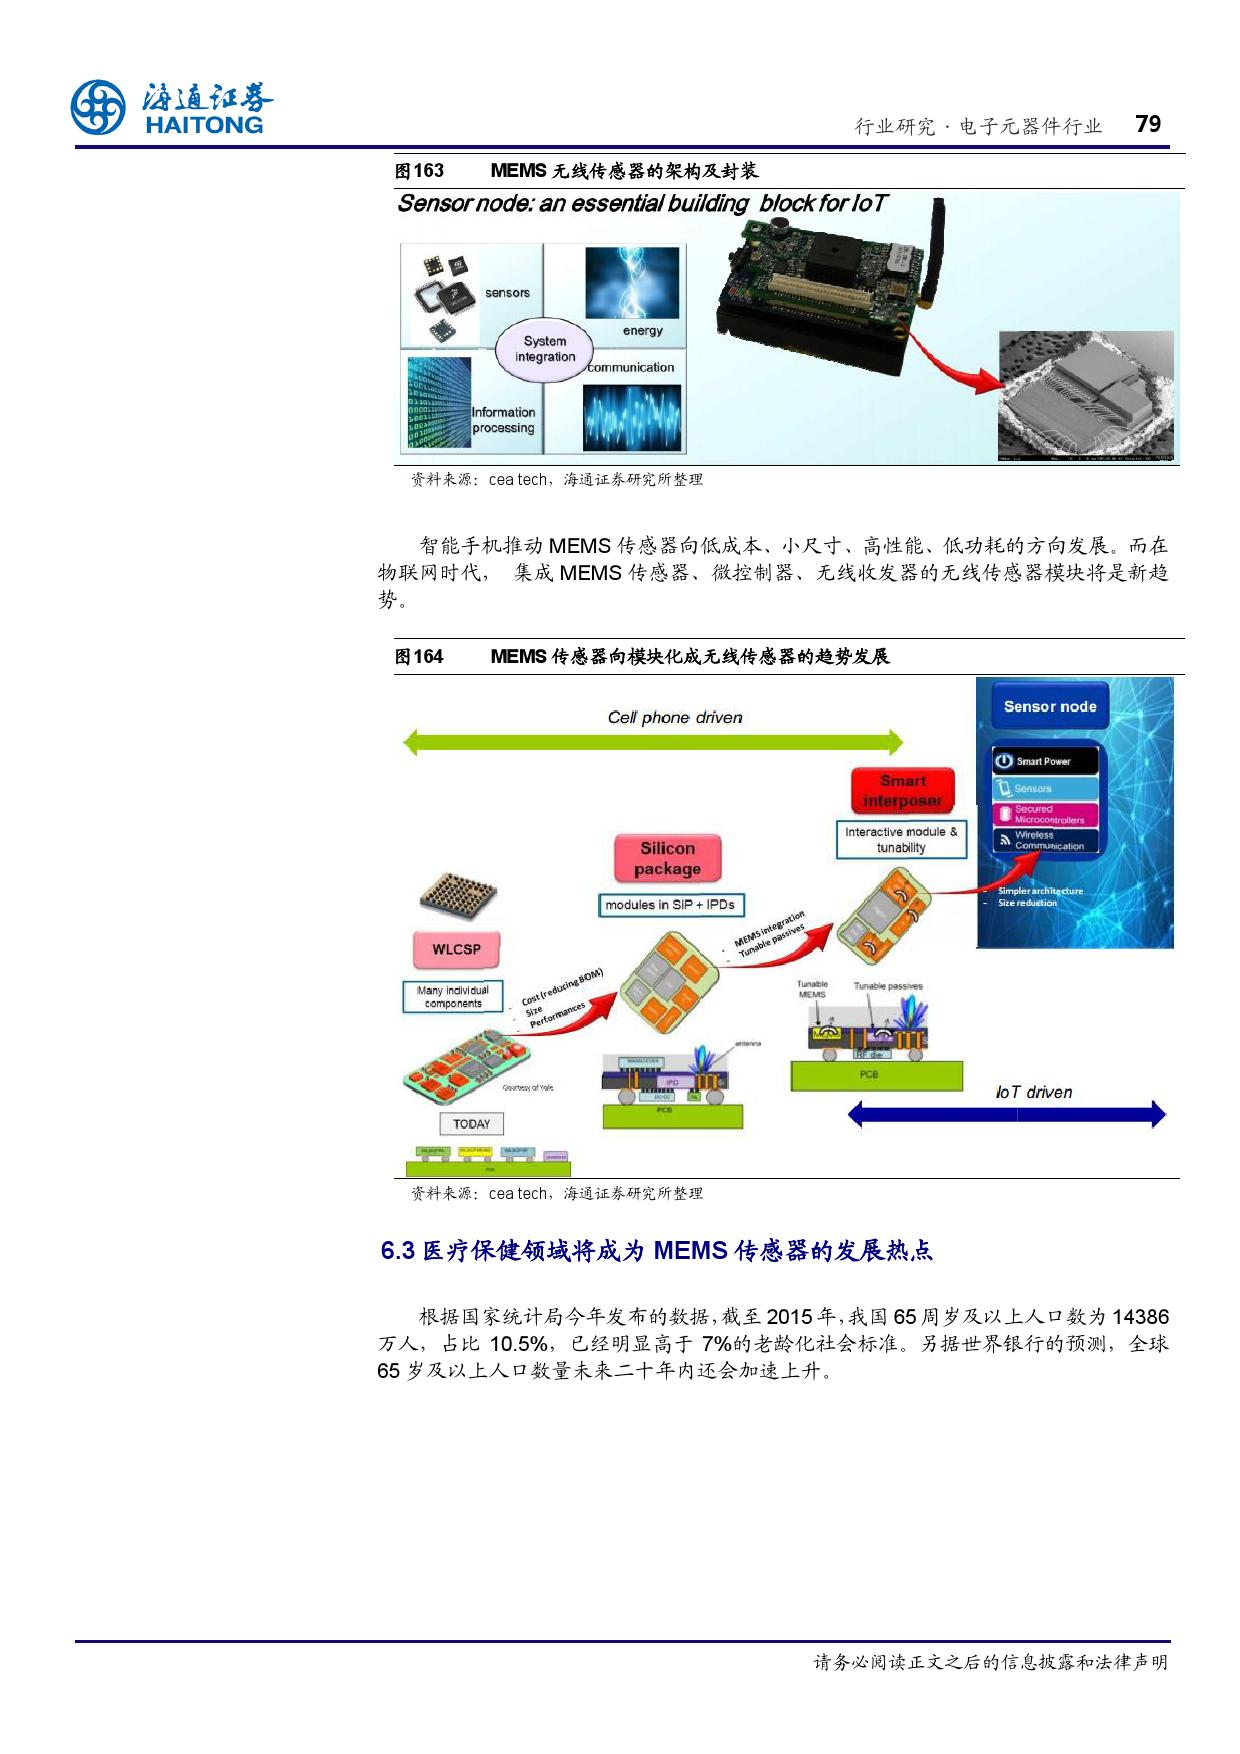 报告全解传感器全球产业链_000079